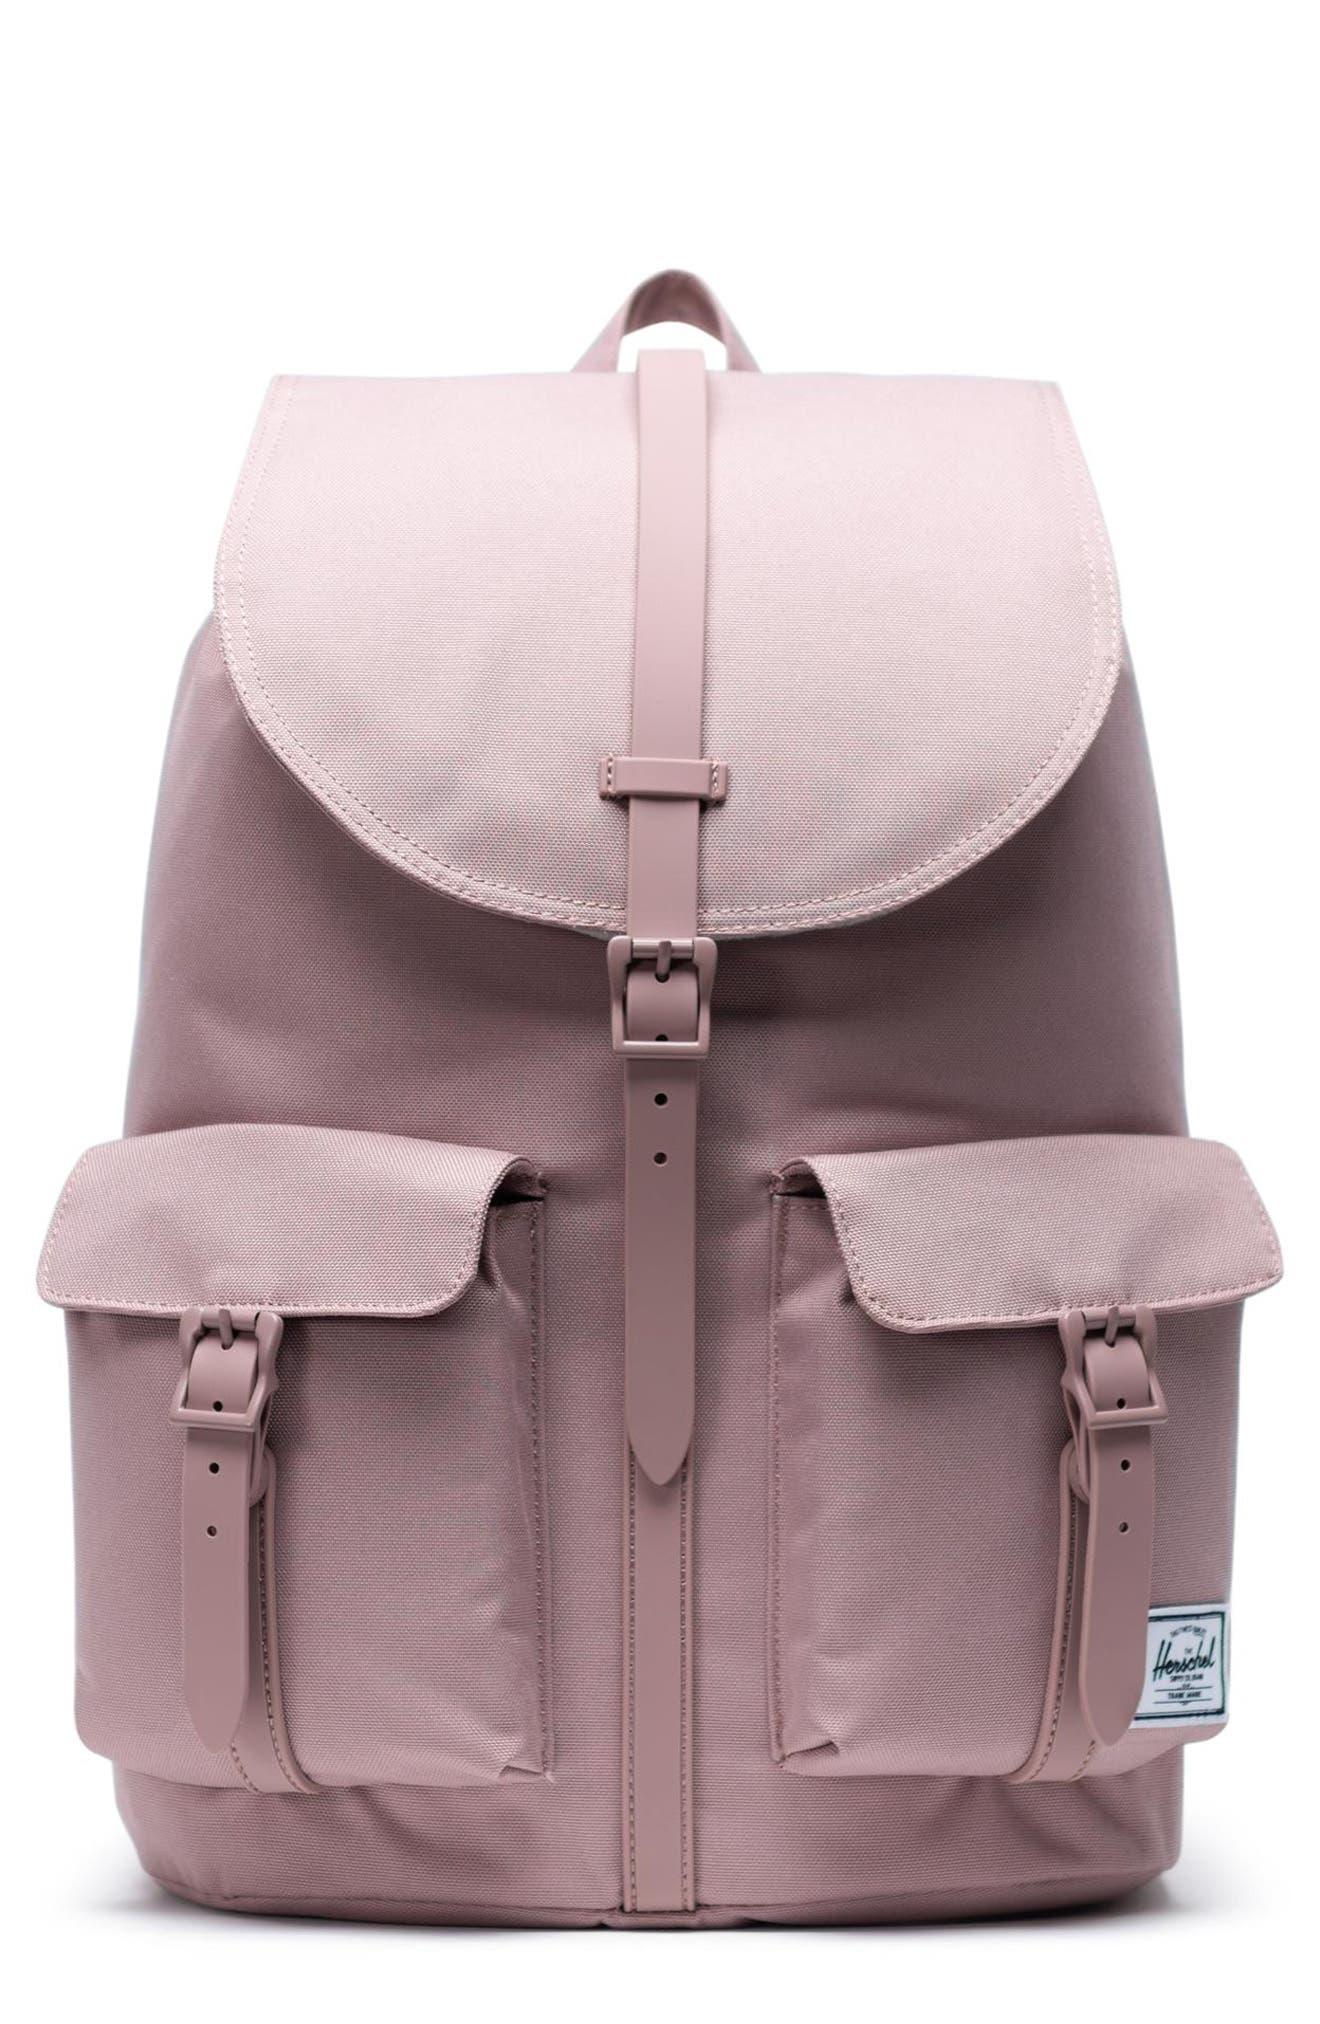 'Dawson' Backpack